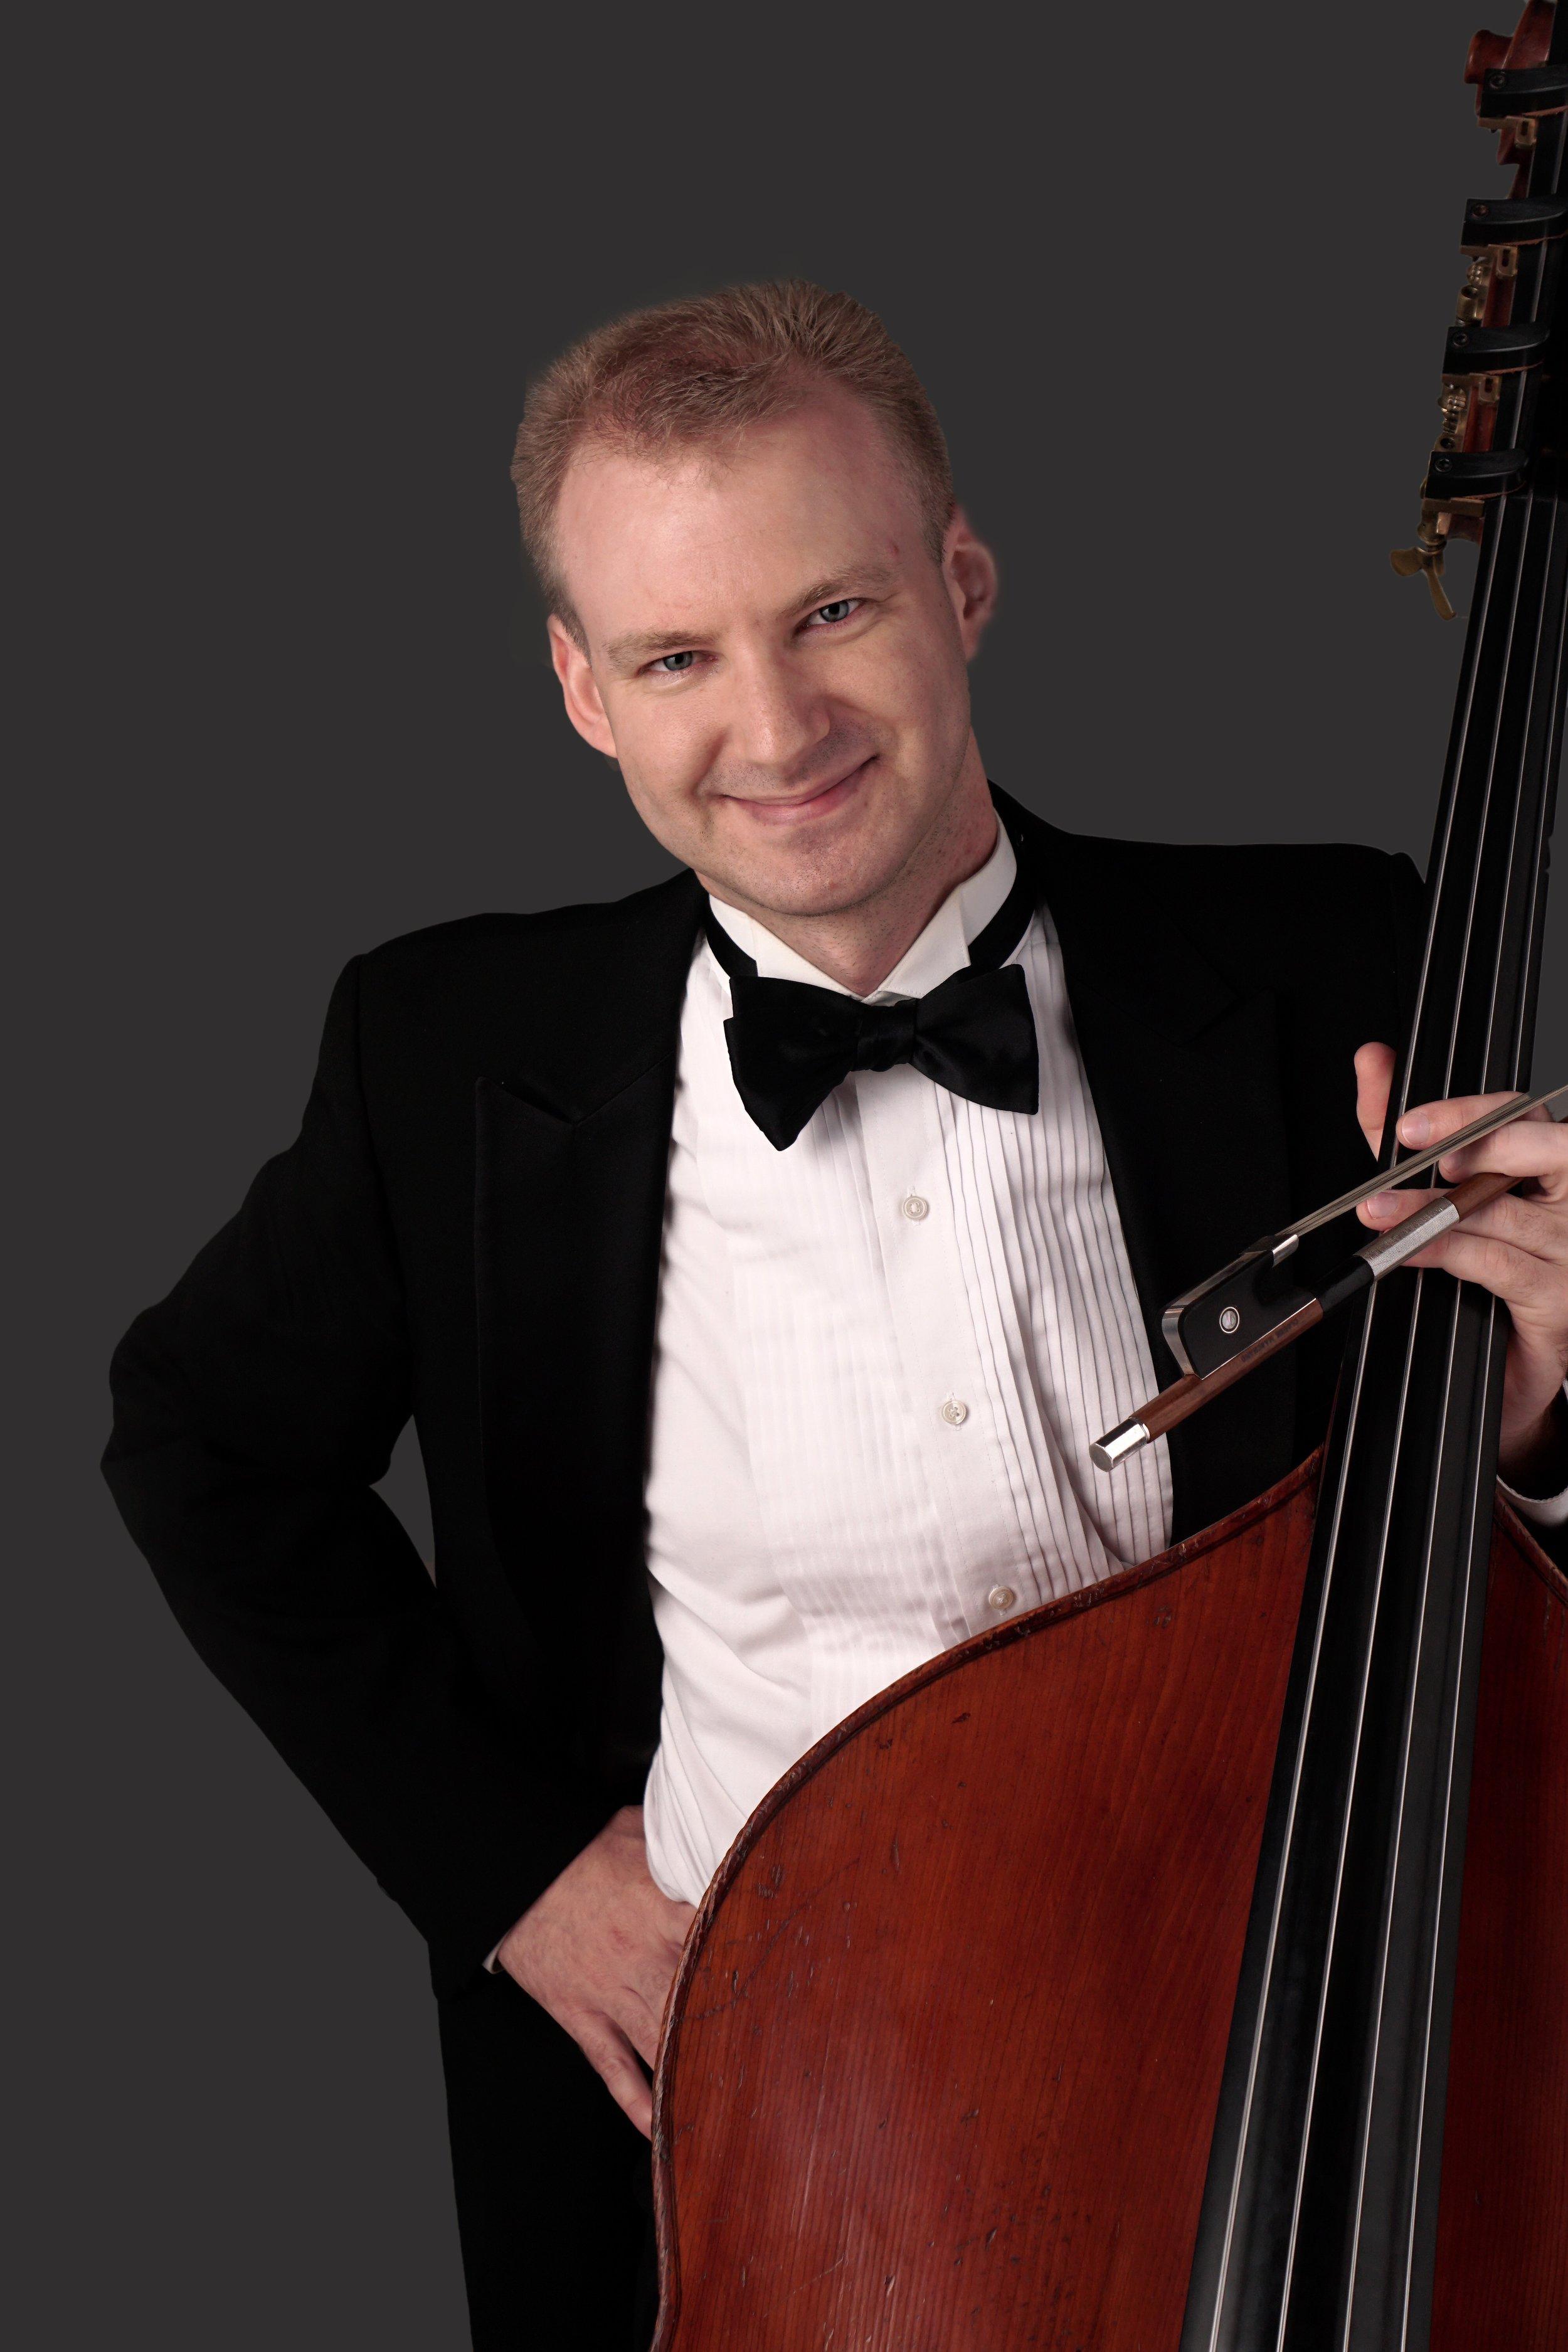 James Schulz